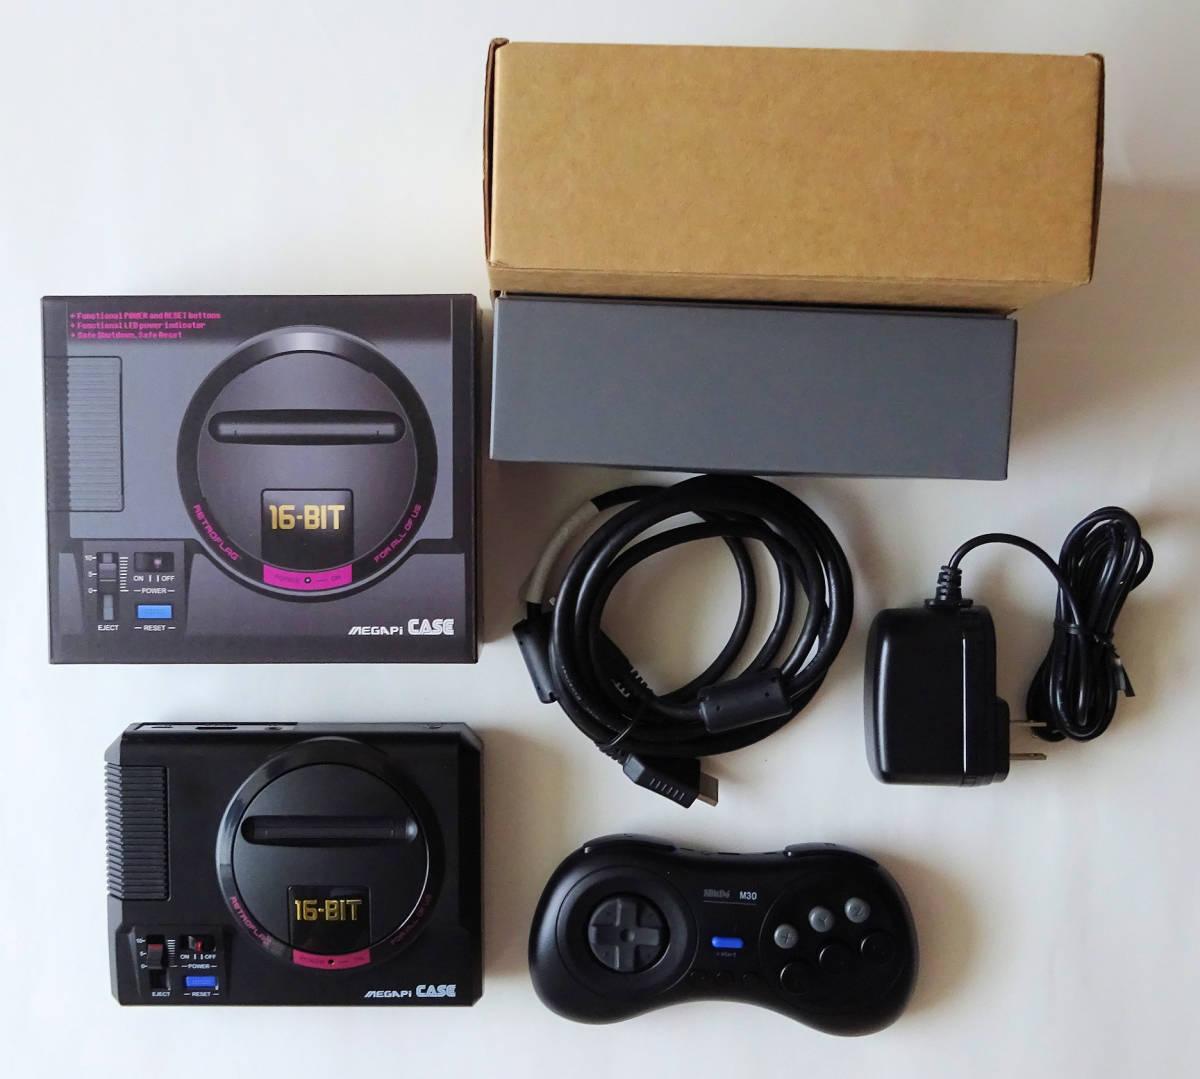 [新品] SEGA RETROPIE メガドライブミニ エミュレータ 本体 + コントローラ + ACアダプター + ビデオケーブル _画像5